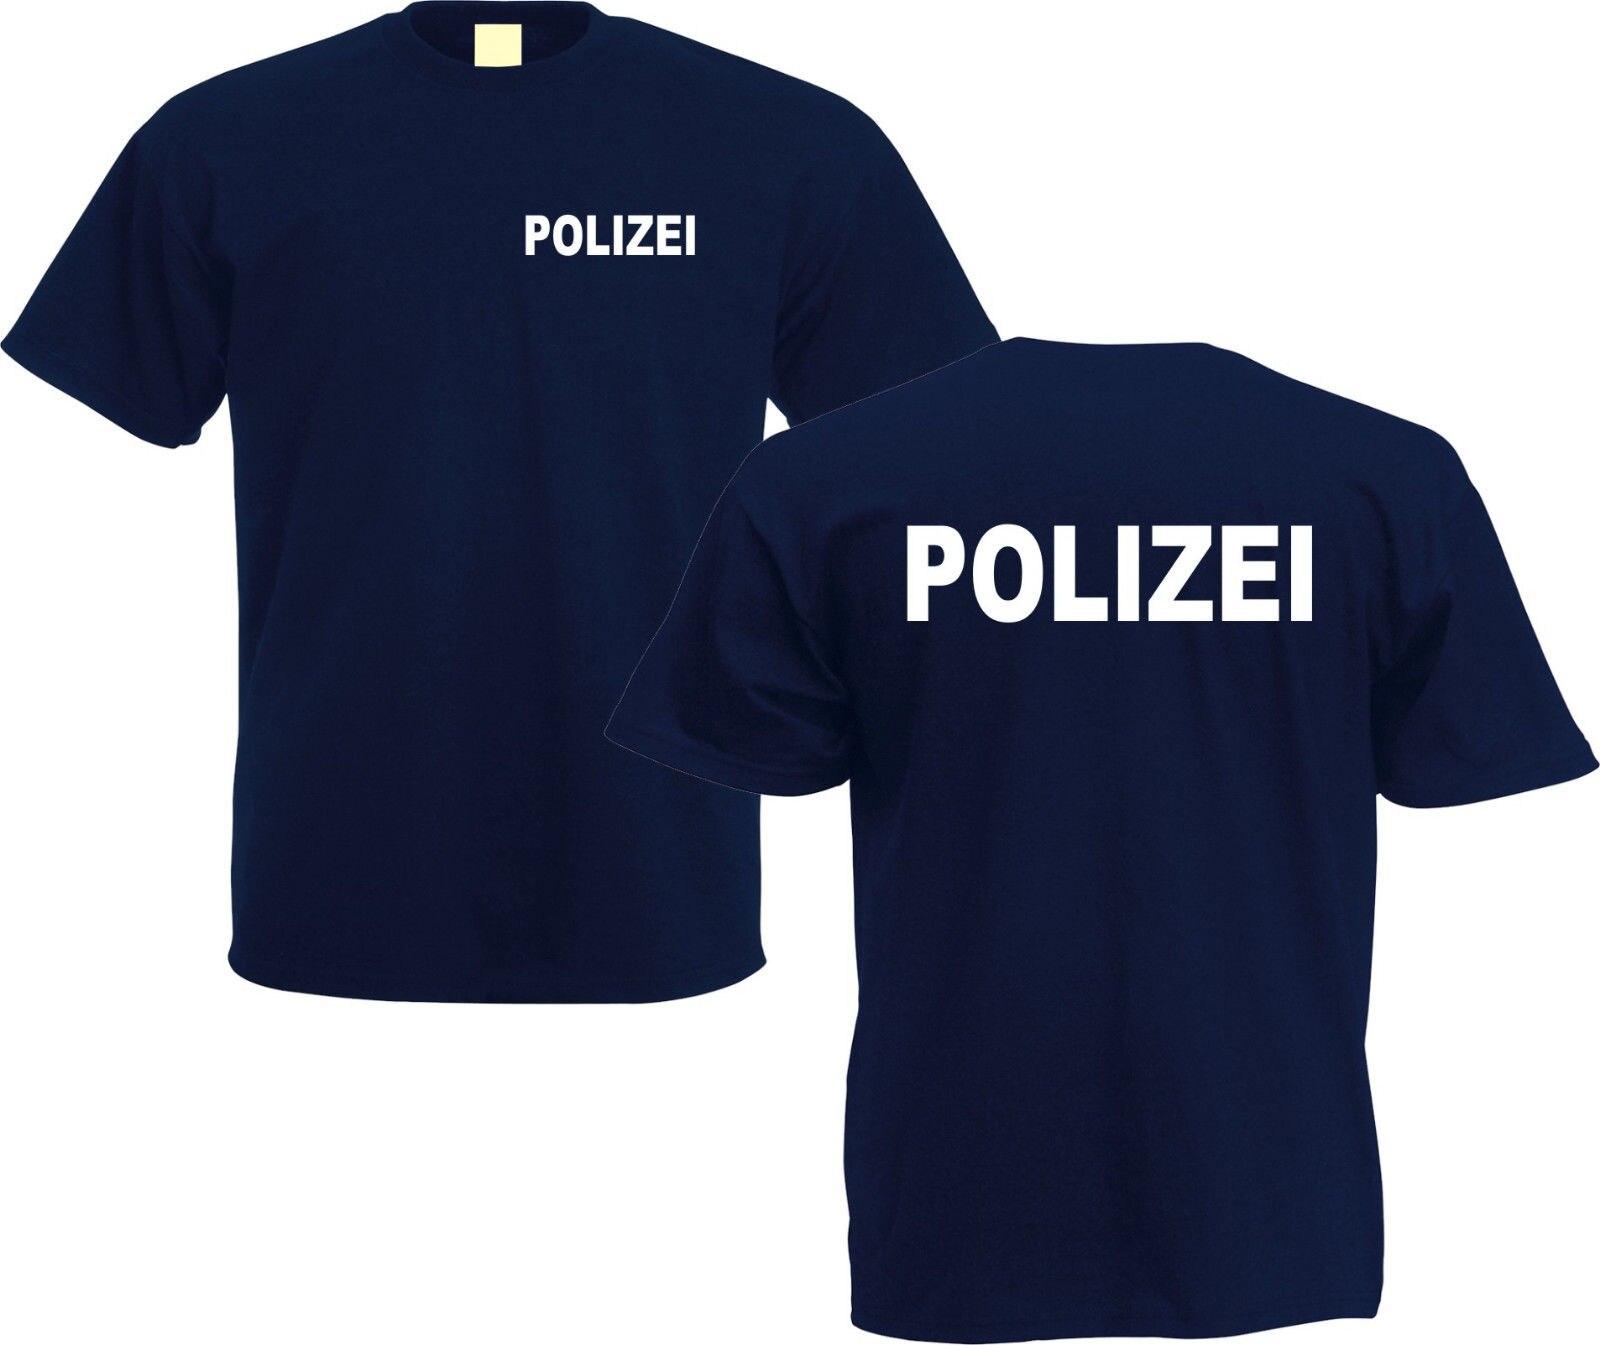 Polizei T Shirt Sicherheit Sicherheit GSG 9 Spaß Funshirt männer t-shirt hip hop freund geschenk